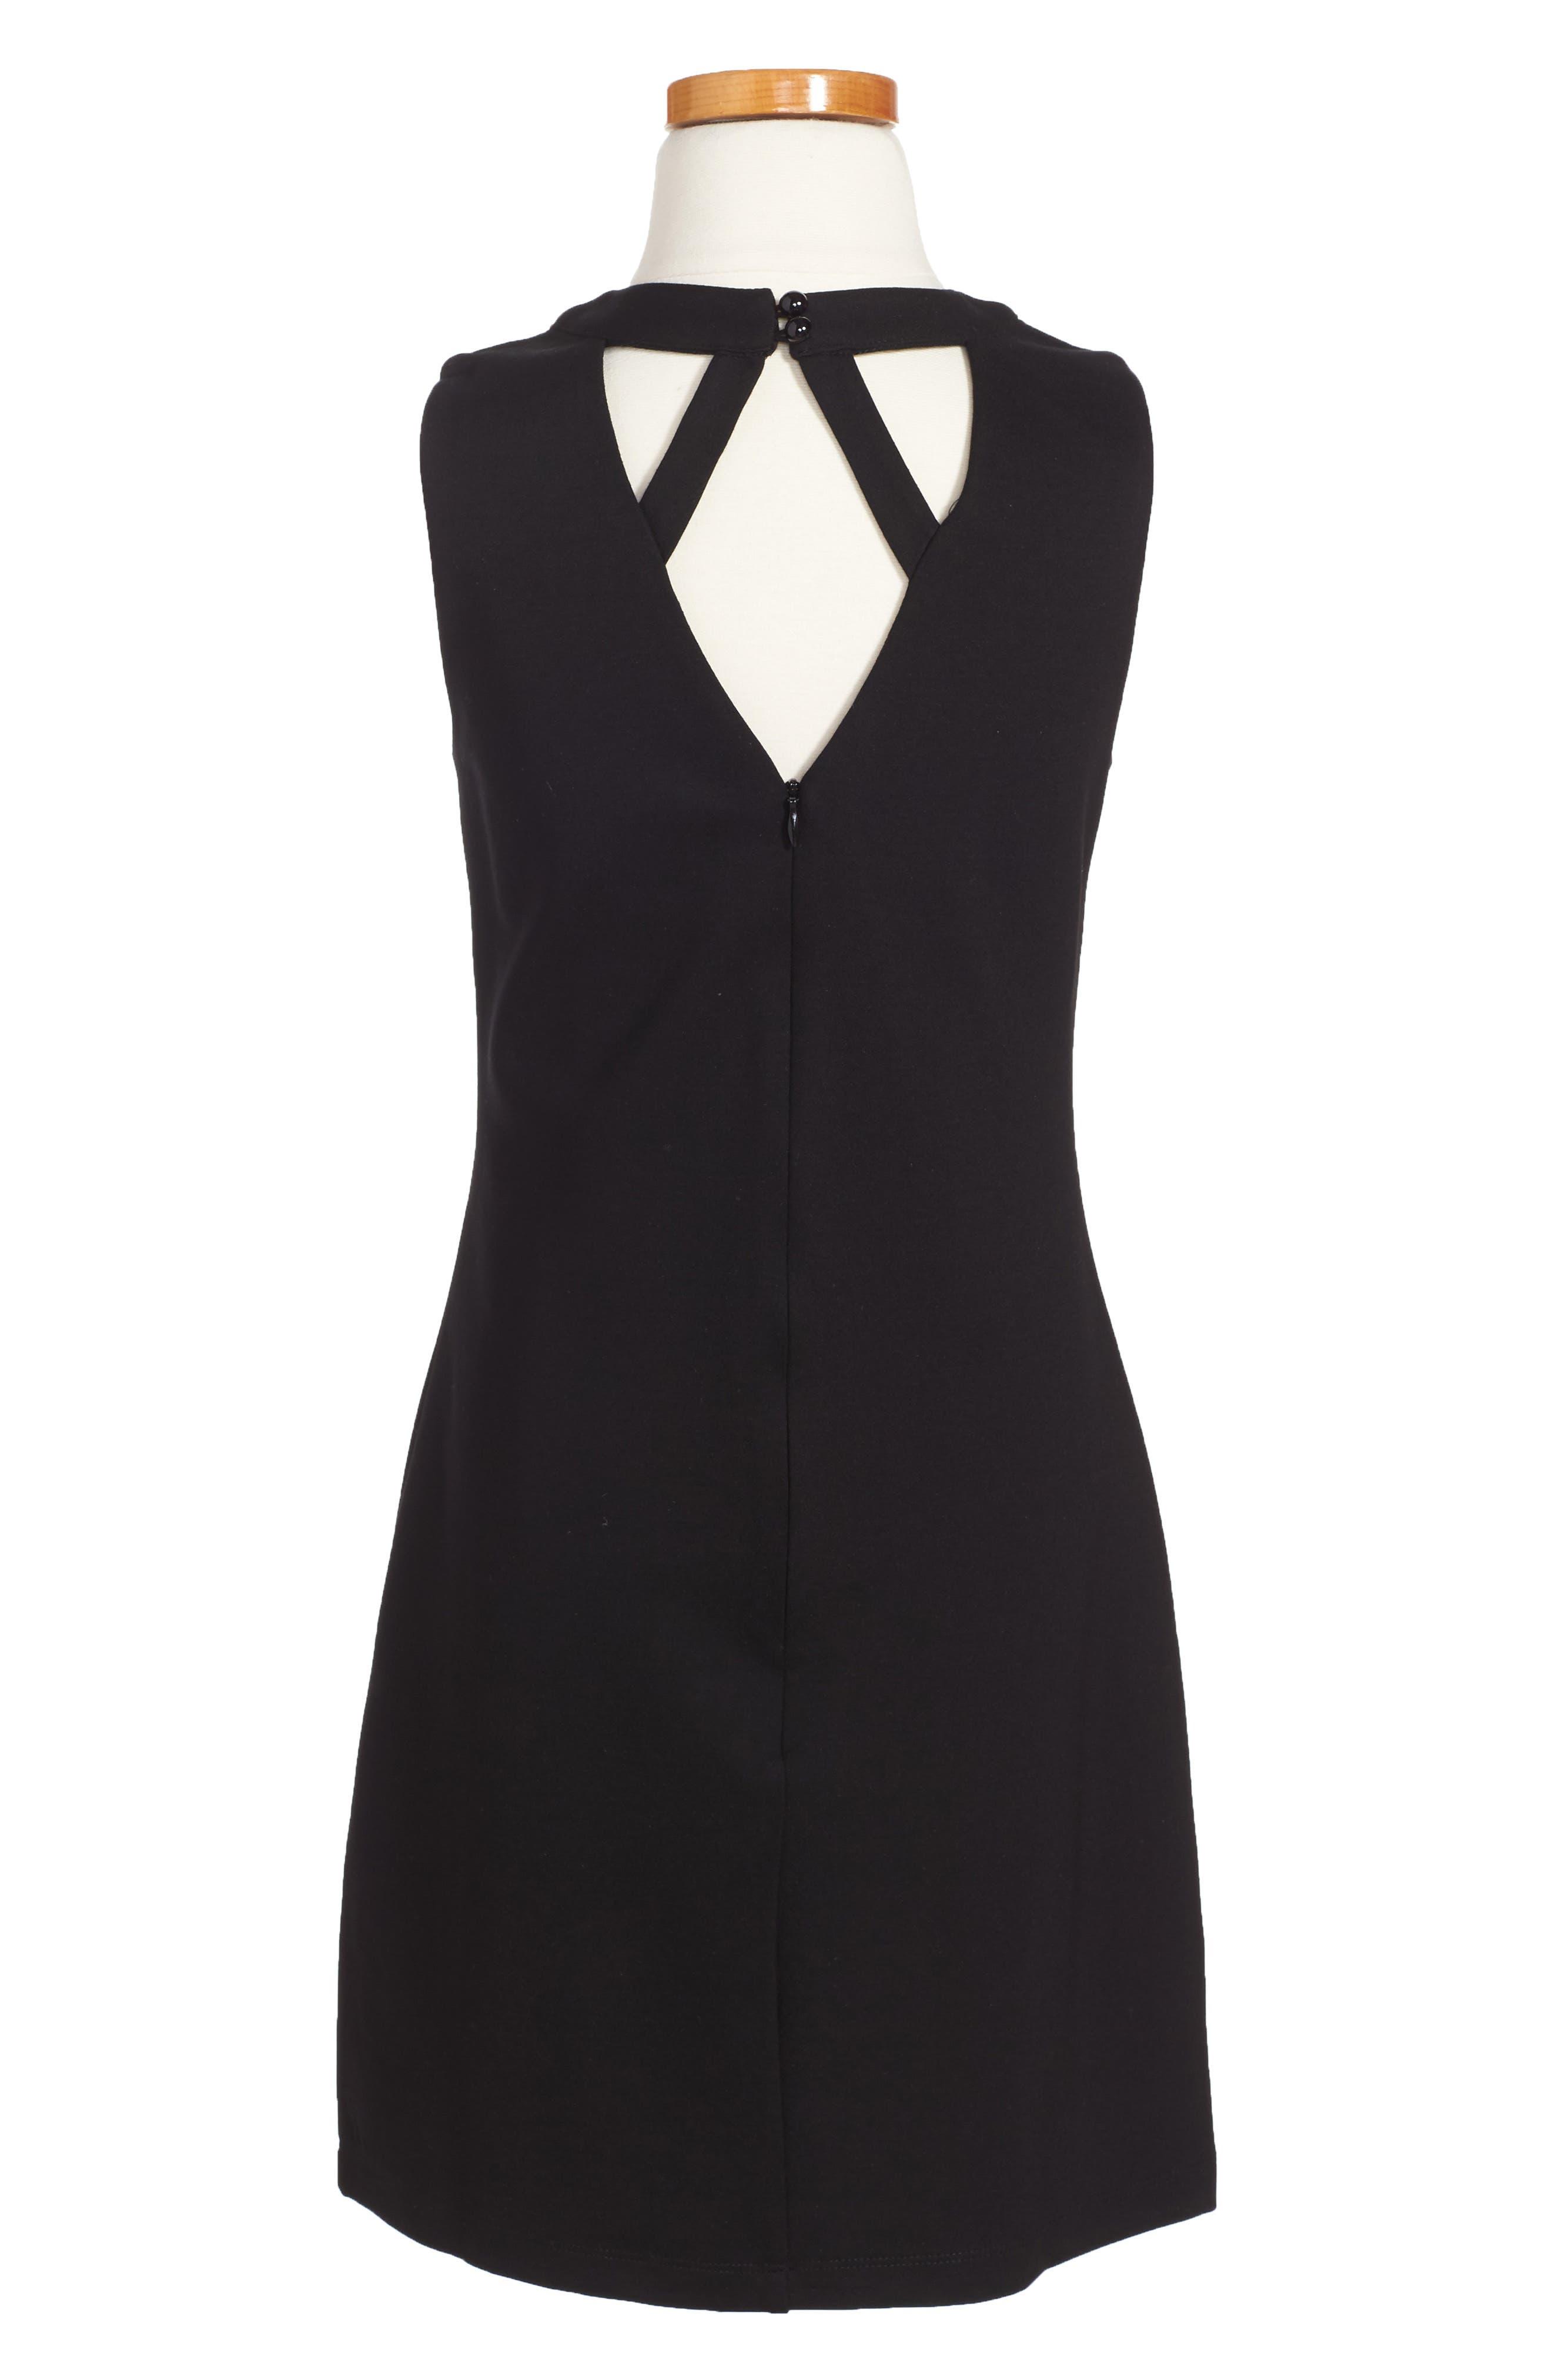 Ponti Dress,                             Alternate thumbnail 2, color,